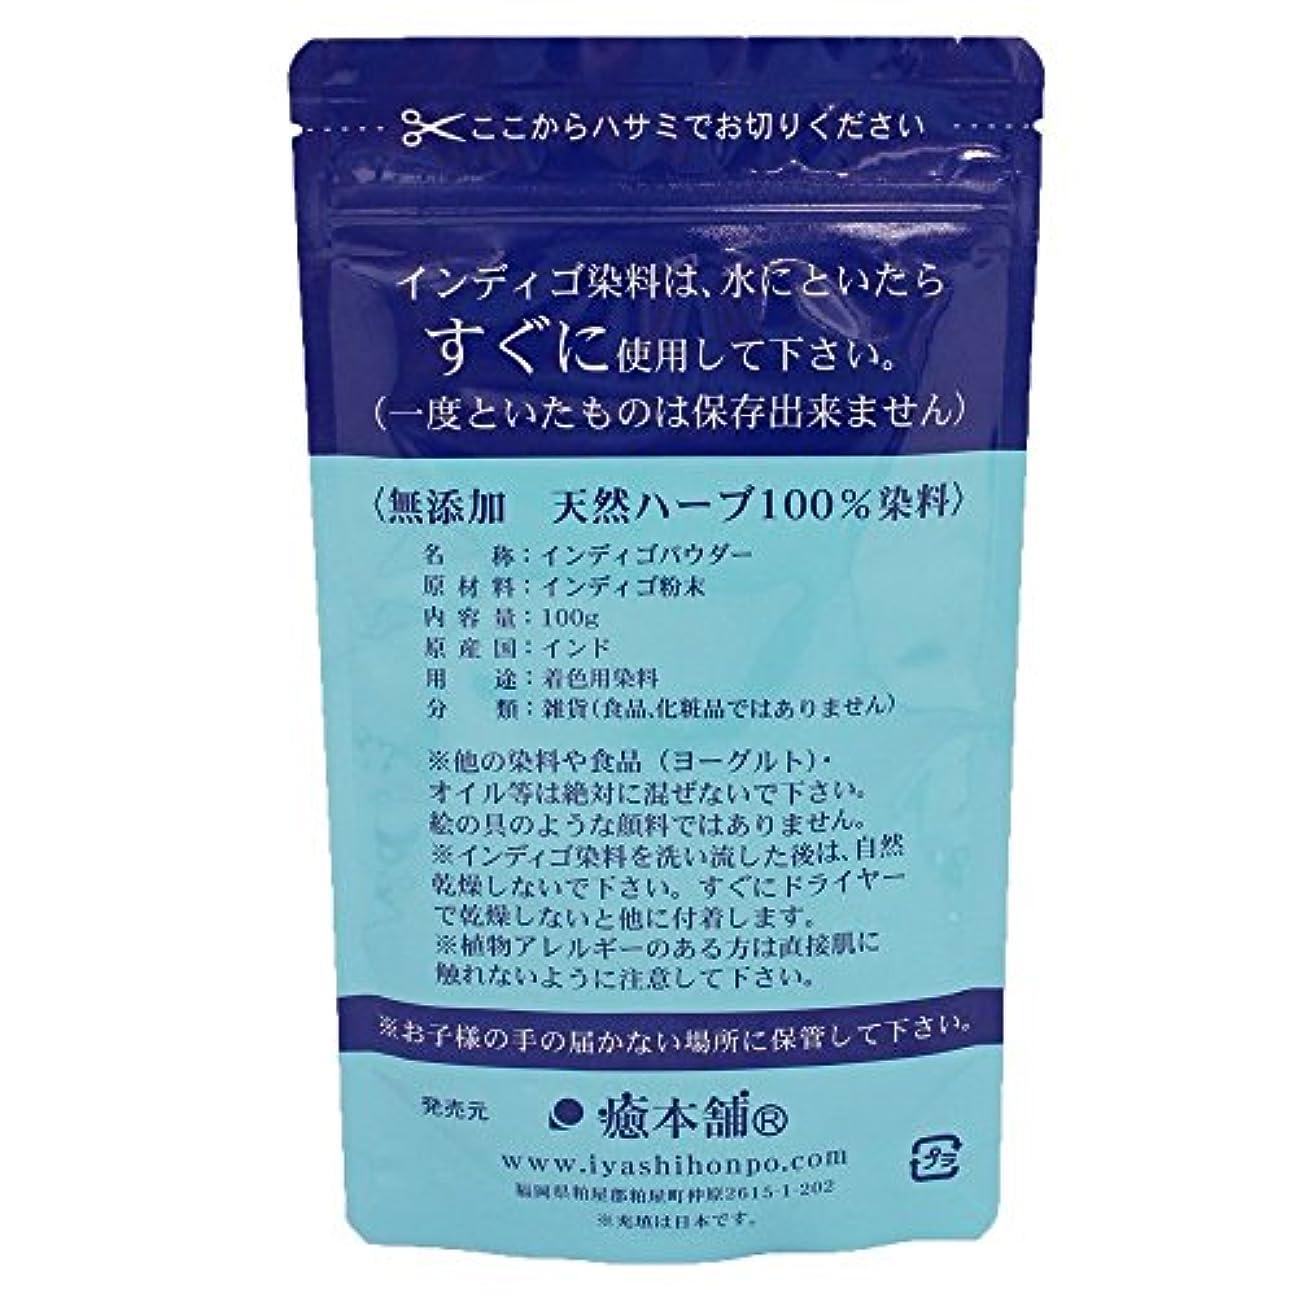 マイクハリケーン無視する癒本舗 インディゴ(天然染料100%) 100g